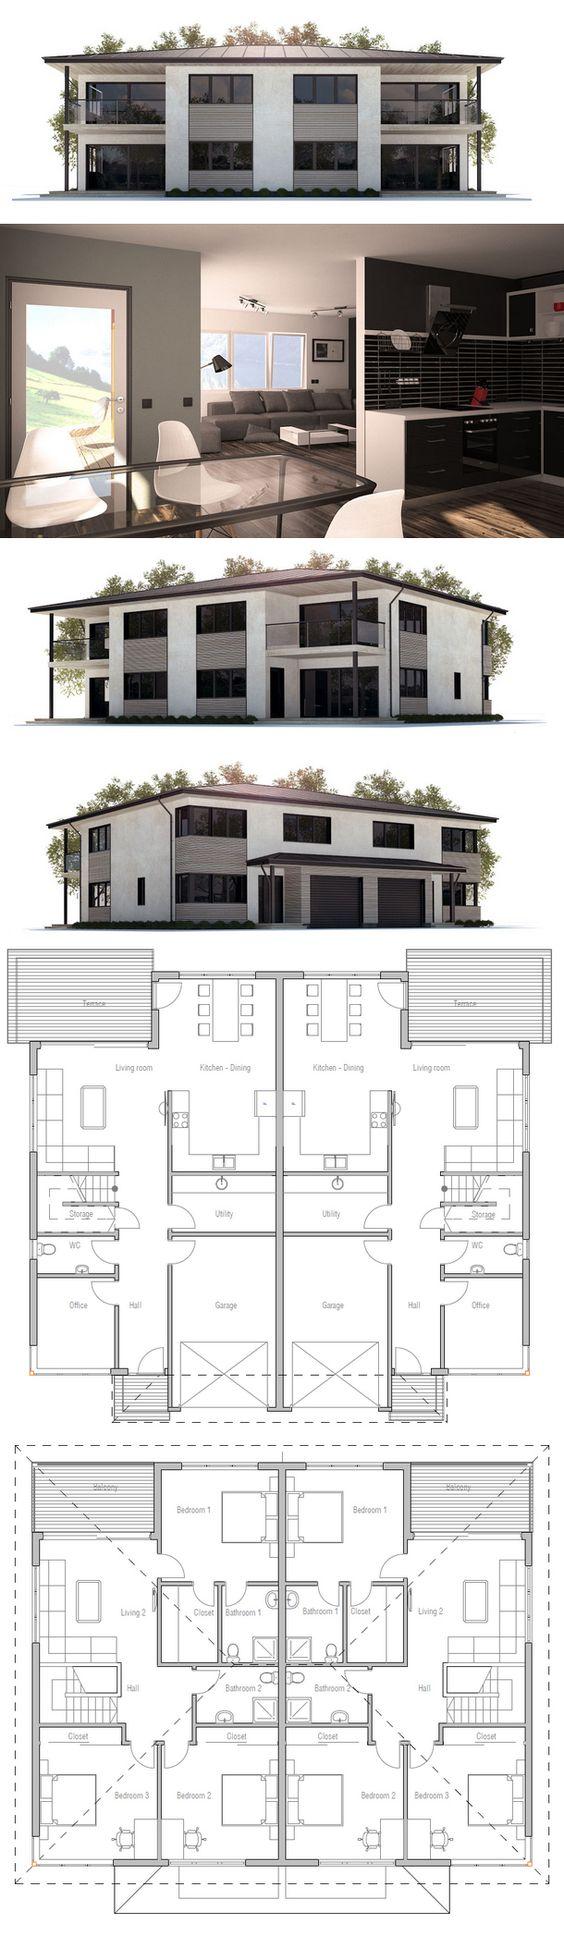 plan de maison duplex plans de maisons pinterest maison plans de maison et maison. Black Bedroom Furniture Sets. Home Design Ideas